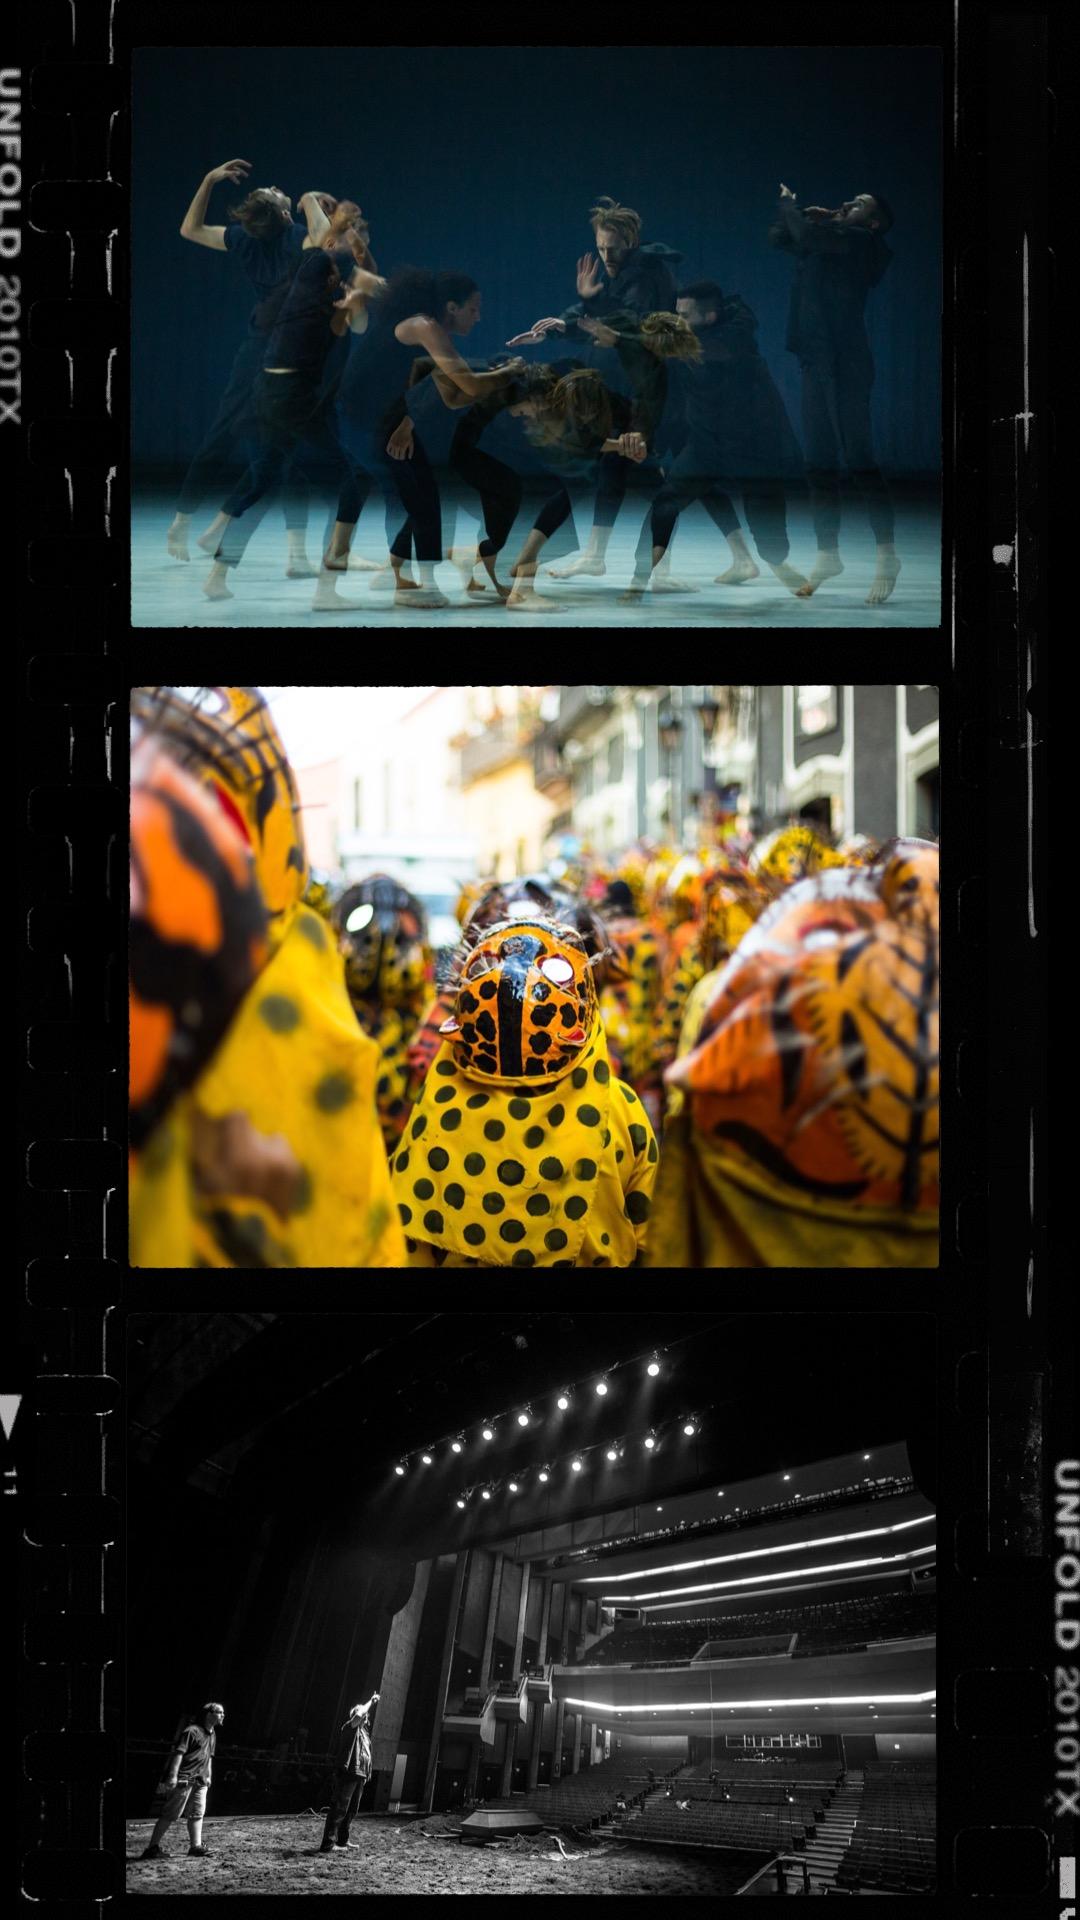 El Festival Internacional Cervantino anuncia la programación artística para la edición 48 en formato virtual